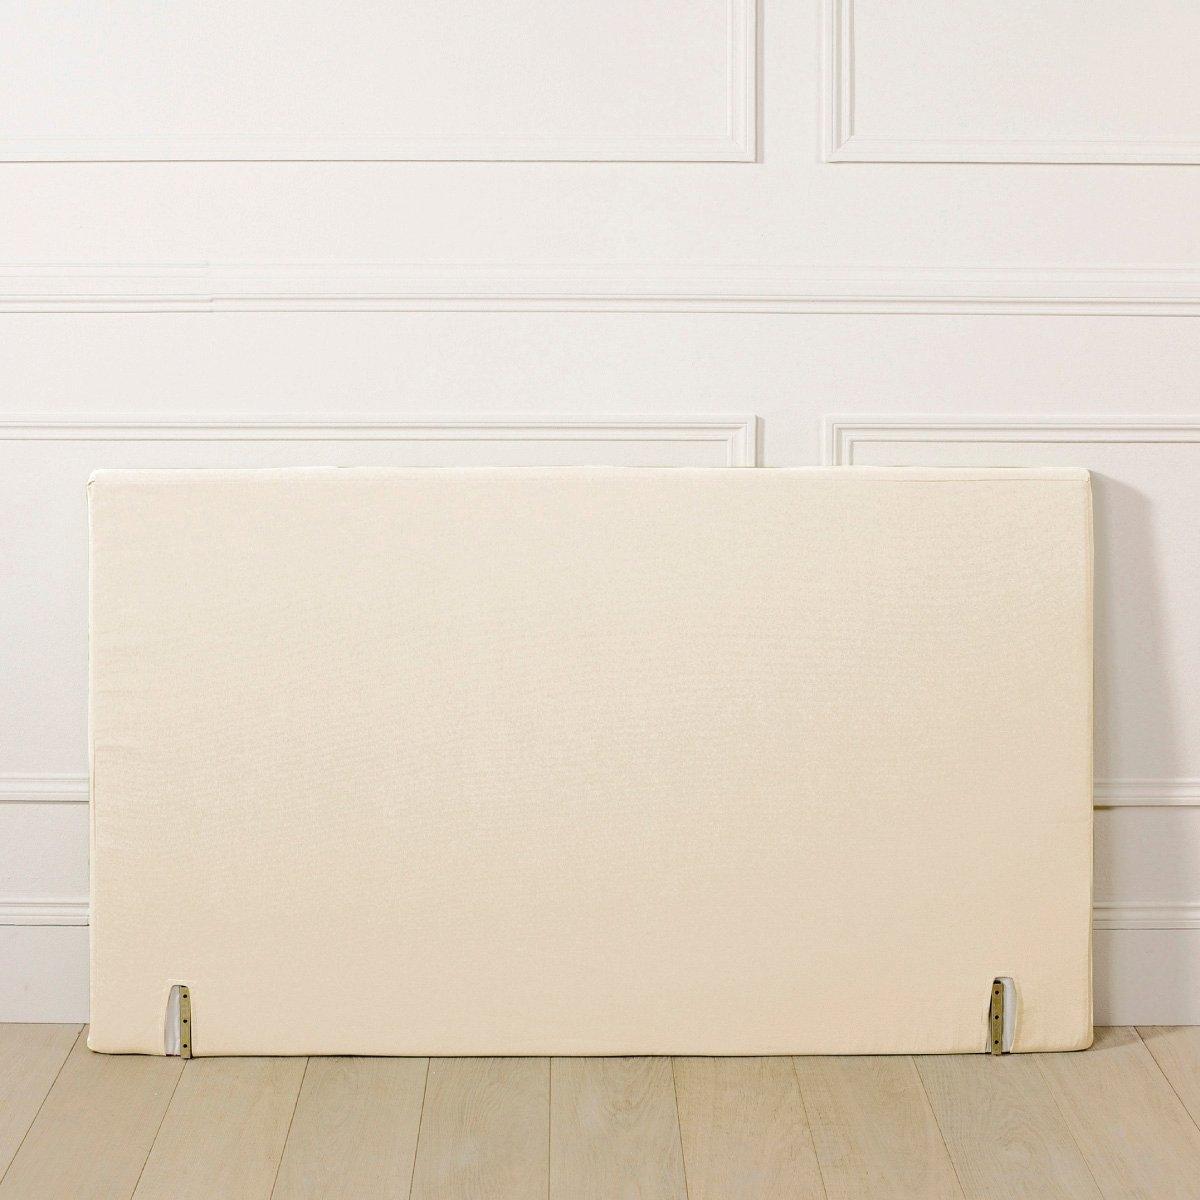 Чехол La Redoute Для изголовья кровати прямой формы из поликоттона 160 x 85 см белый